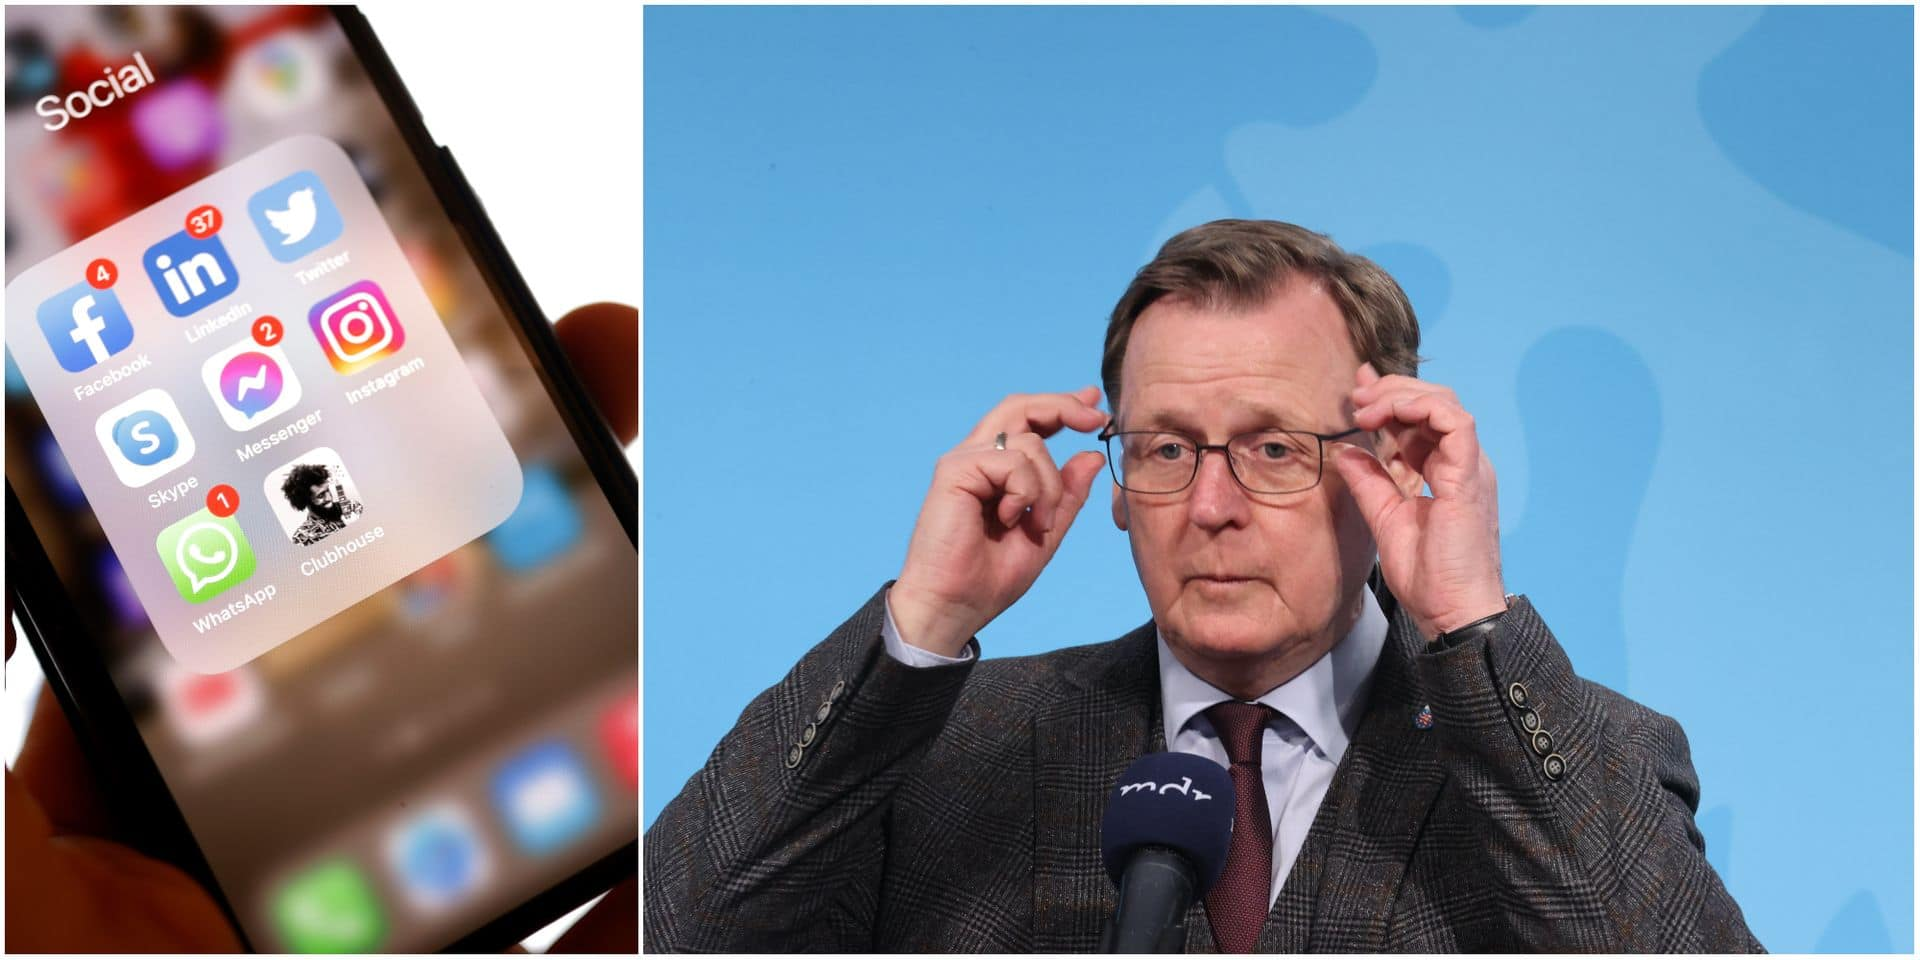 """Tollé en Allemagne après qu'un dirigeant s'est fait piéger sur une application: """"Certains jouent au Sudoku, d'autres aux échecs ou au Scrabble, et moi à Candy Crush"""""""